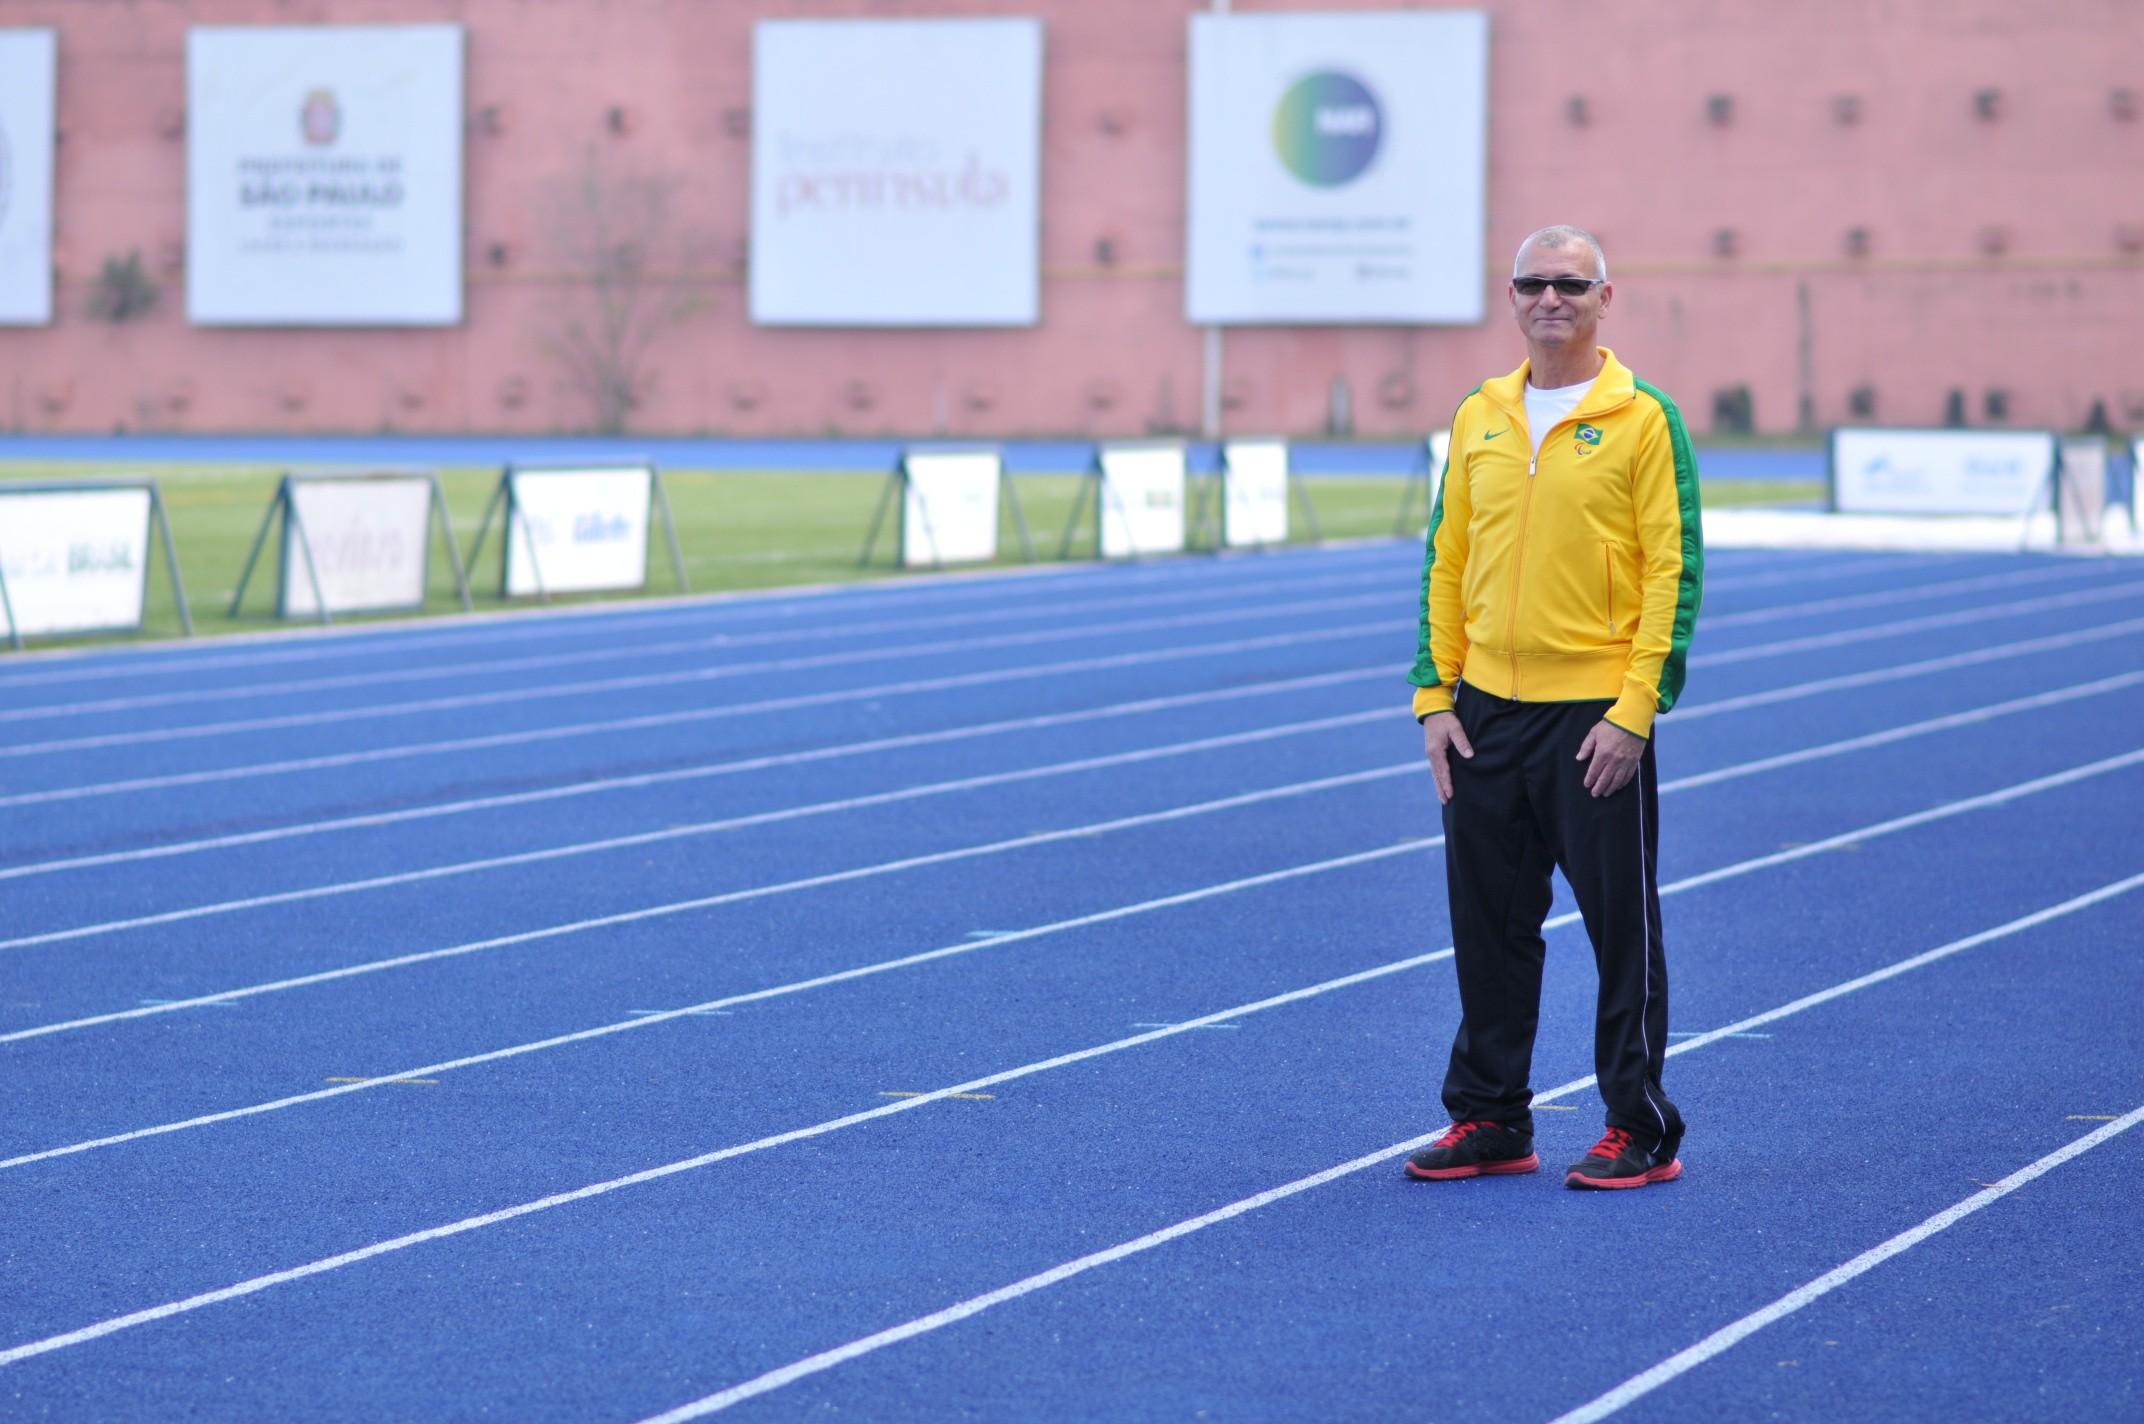 Amaury Veríssimo, técnico do atletismo paralímpico brasileiro, conta com a ajuda do Núcleo de Alto Rendimento (NAR) para formar campeões  (Foto: GUTO GONÇALVES / ESTÚDIO 13)